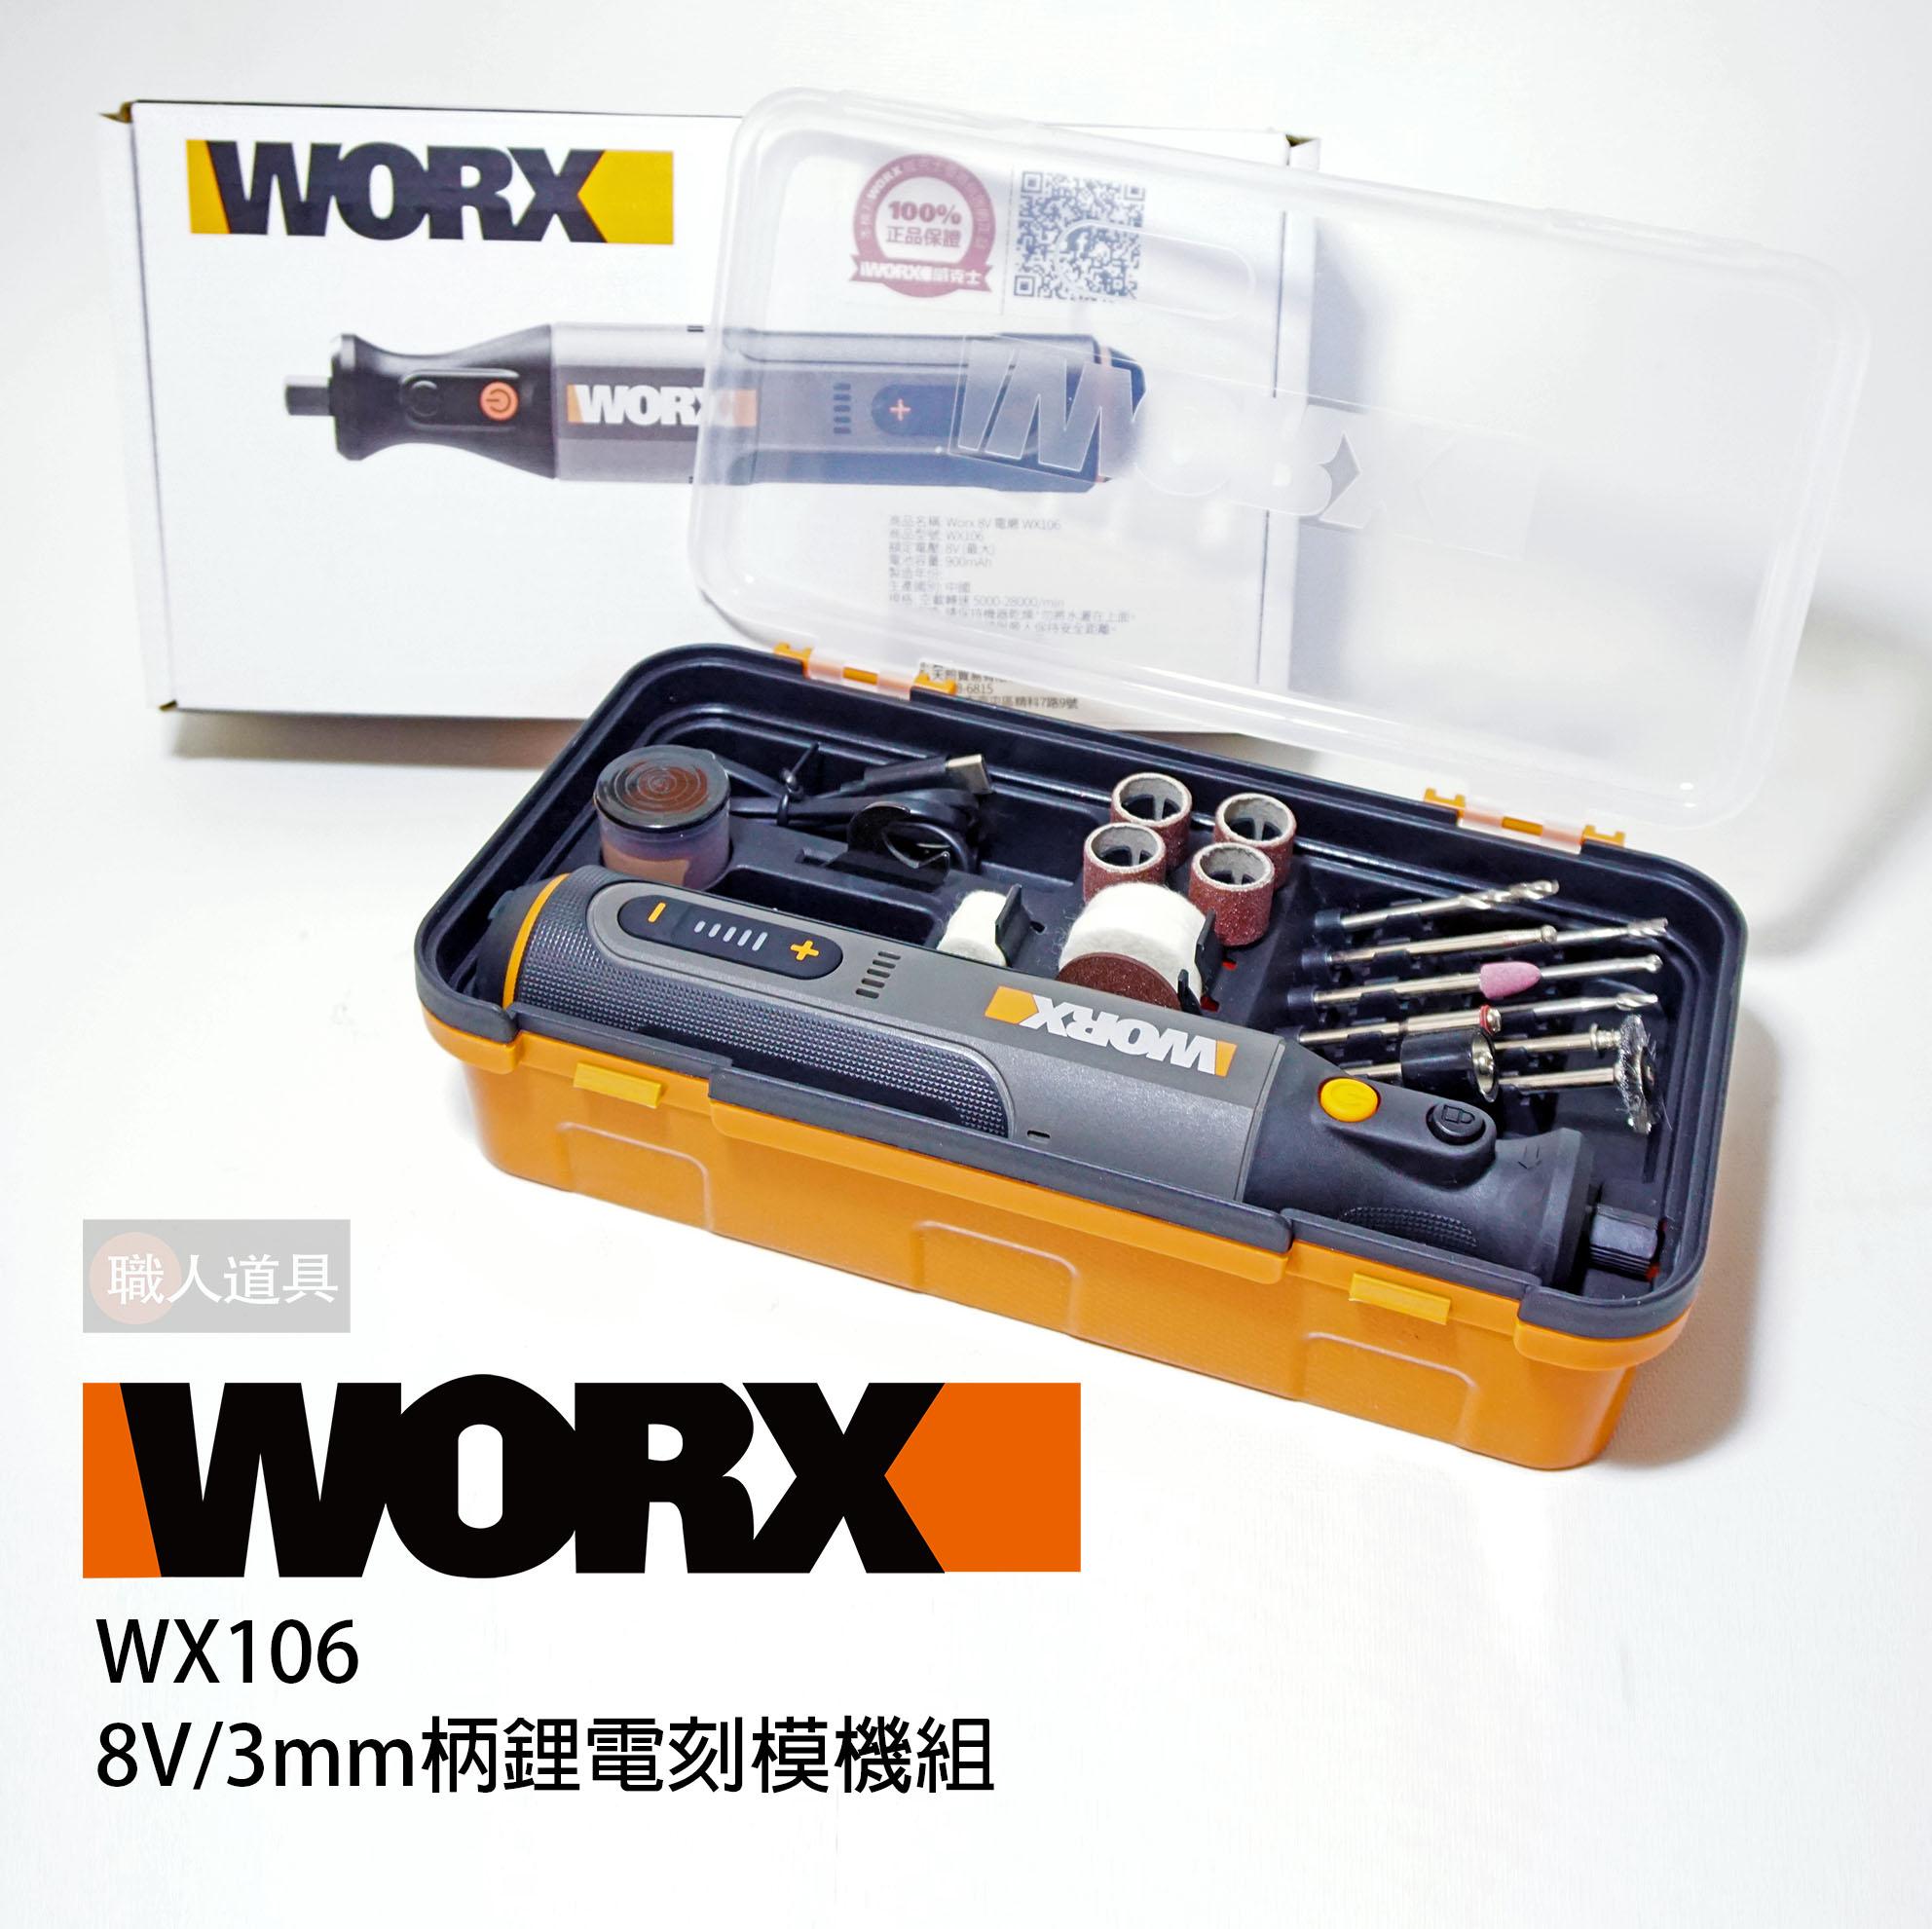 WORX 威克士 8V 3mm柄 鋰電刻模機組 WX106 雕刻筆 刻磨機 磨切機 雕刻機 電磨機 拋光 除鏽 打磨